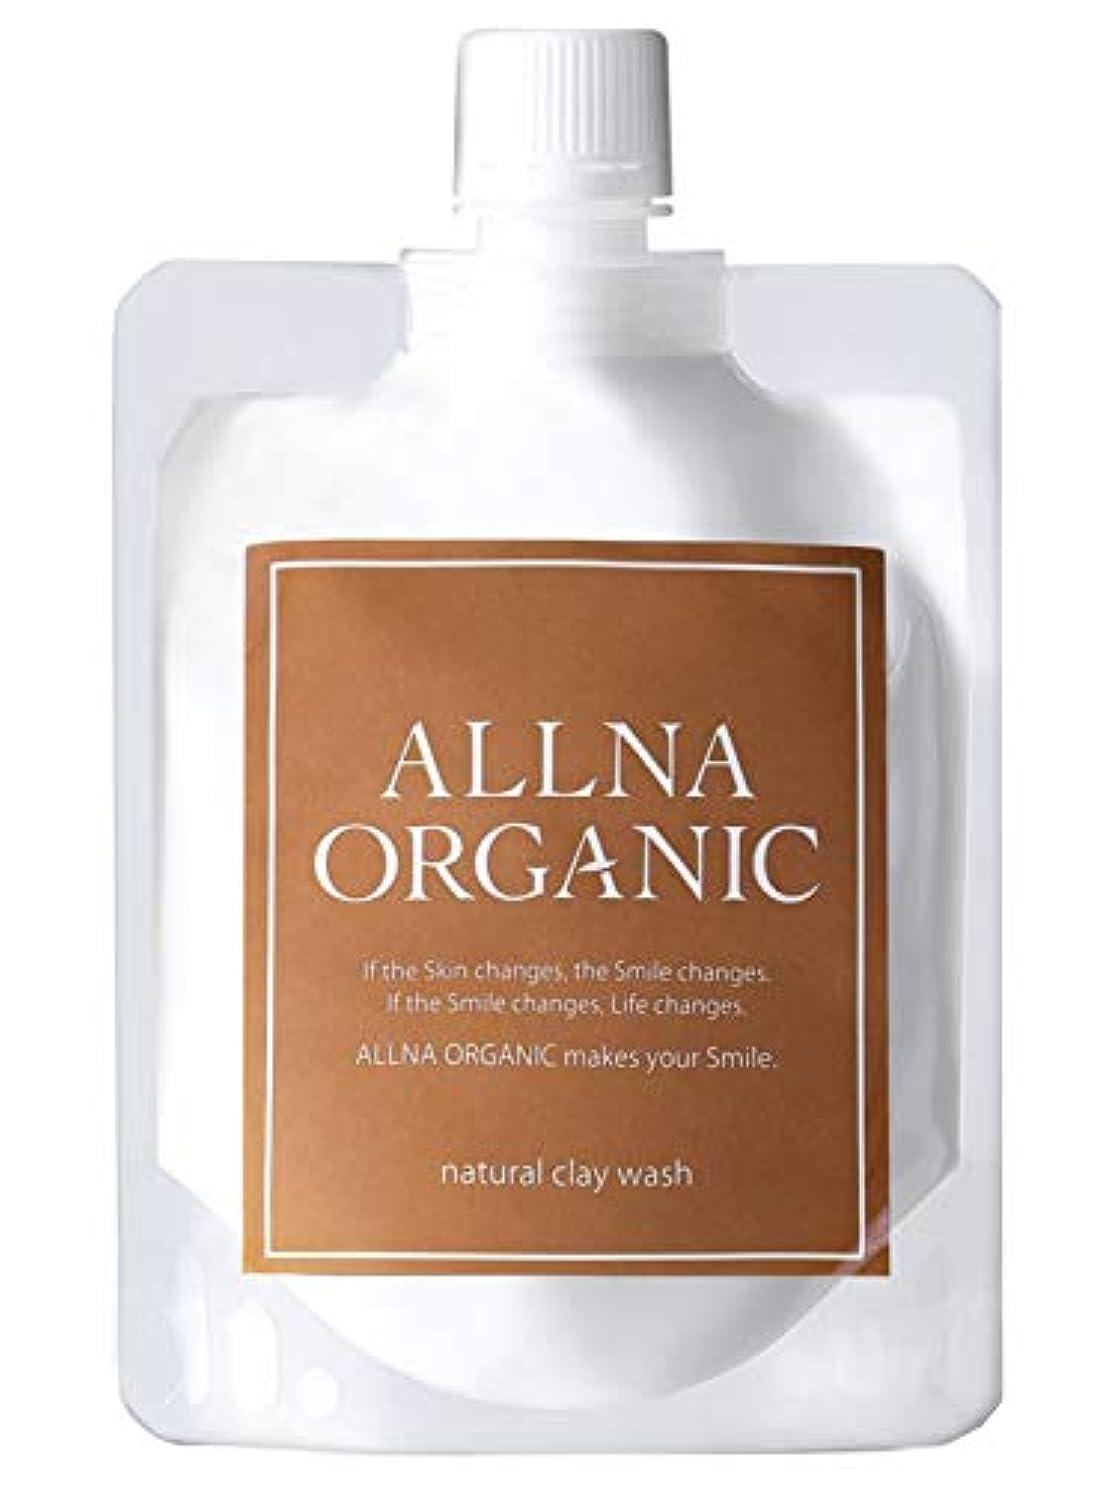 卵シプリー水素オルナ オーガニック 泥 洗顔 「 毛穴 開き 黒ずみ 用」「 泡 ネット 付き」「 コラーゲン 3種類 + ヒアルロン酸 4種類 + ビタミンC 4種類 + セラミド 配合」 130g